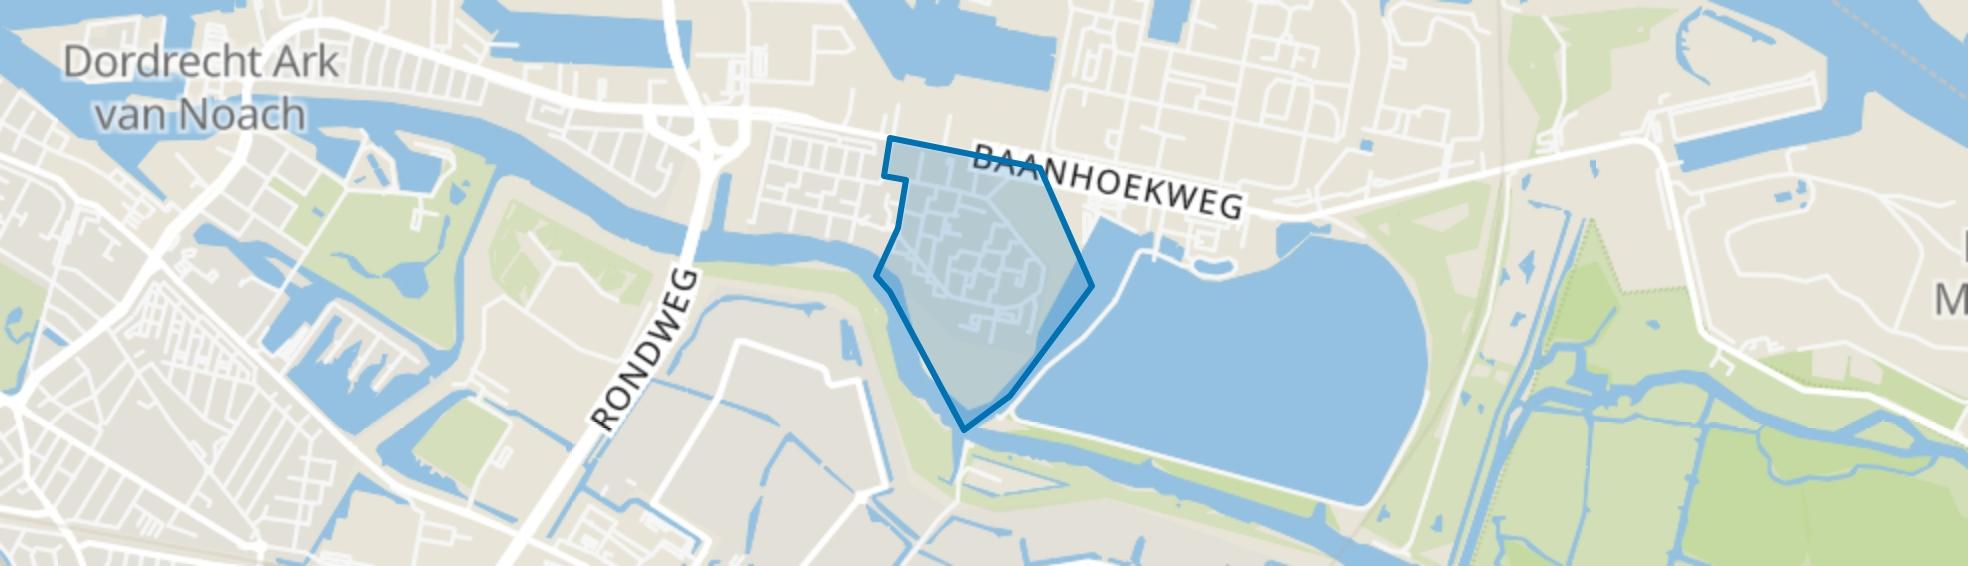 Merwedepolder-Oost, Dordrecht map